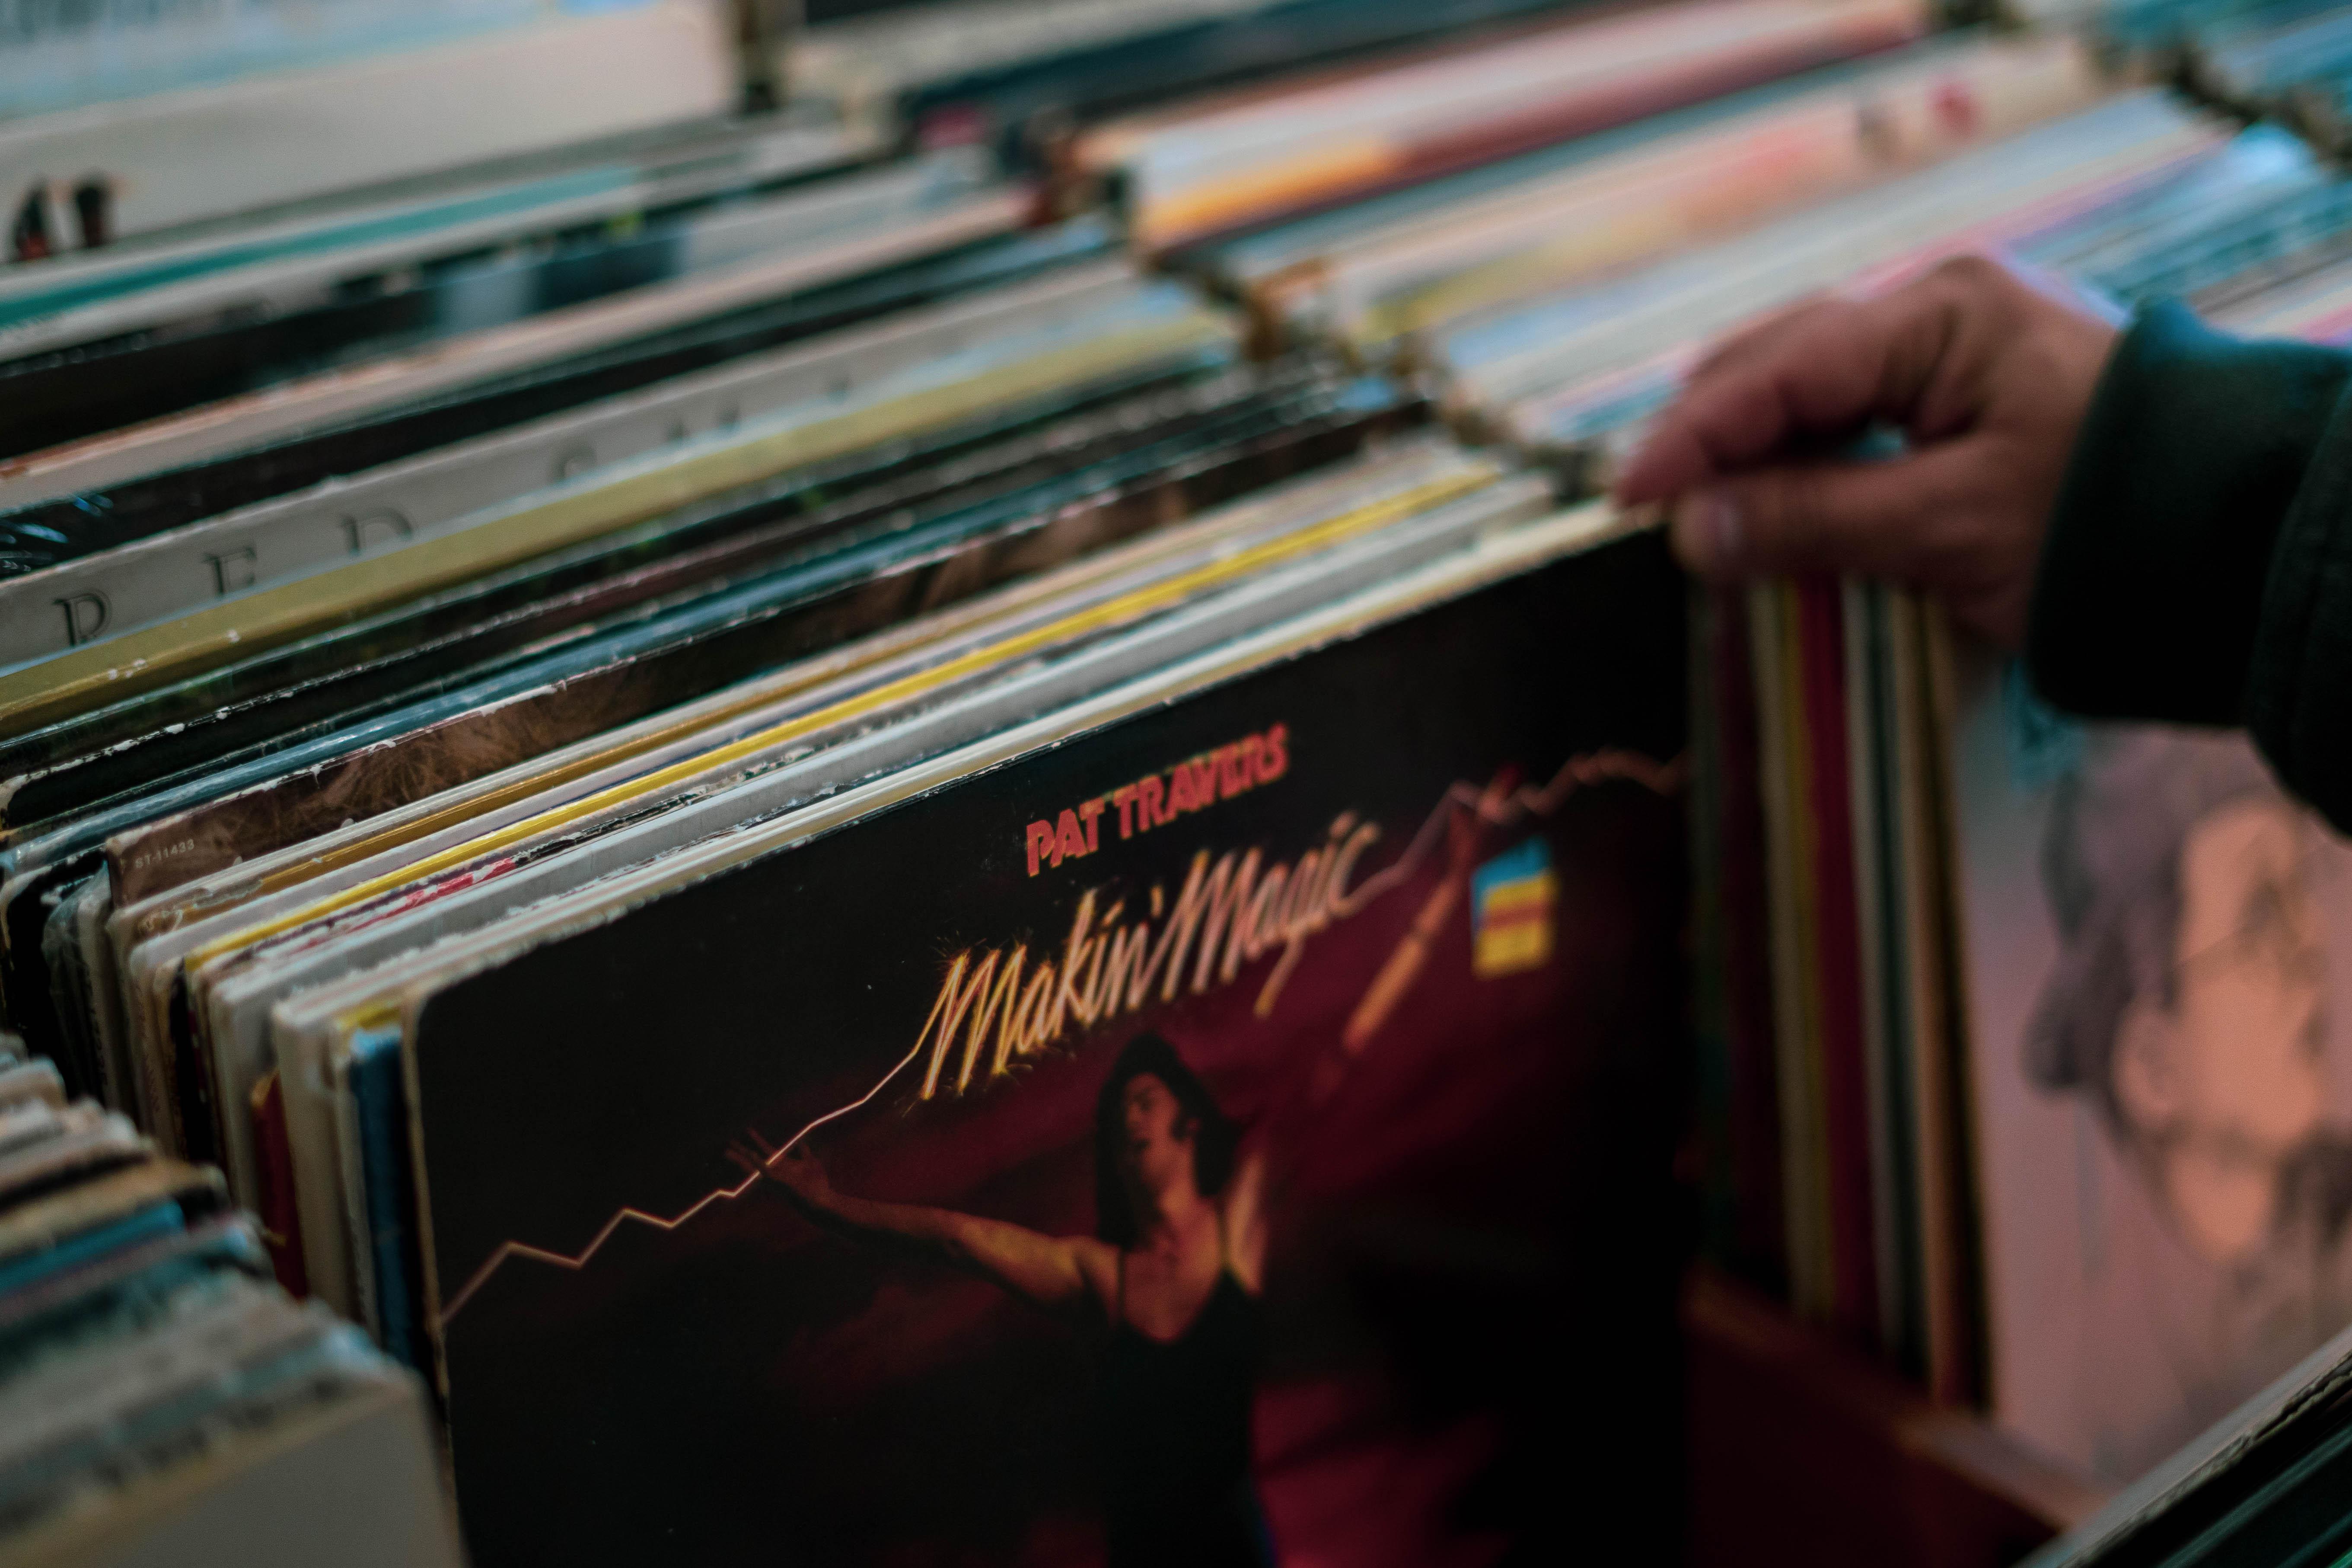 Makin' Magic Album Sleeve